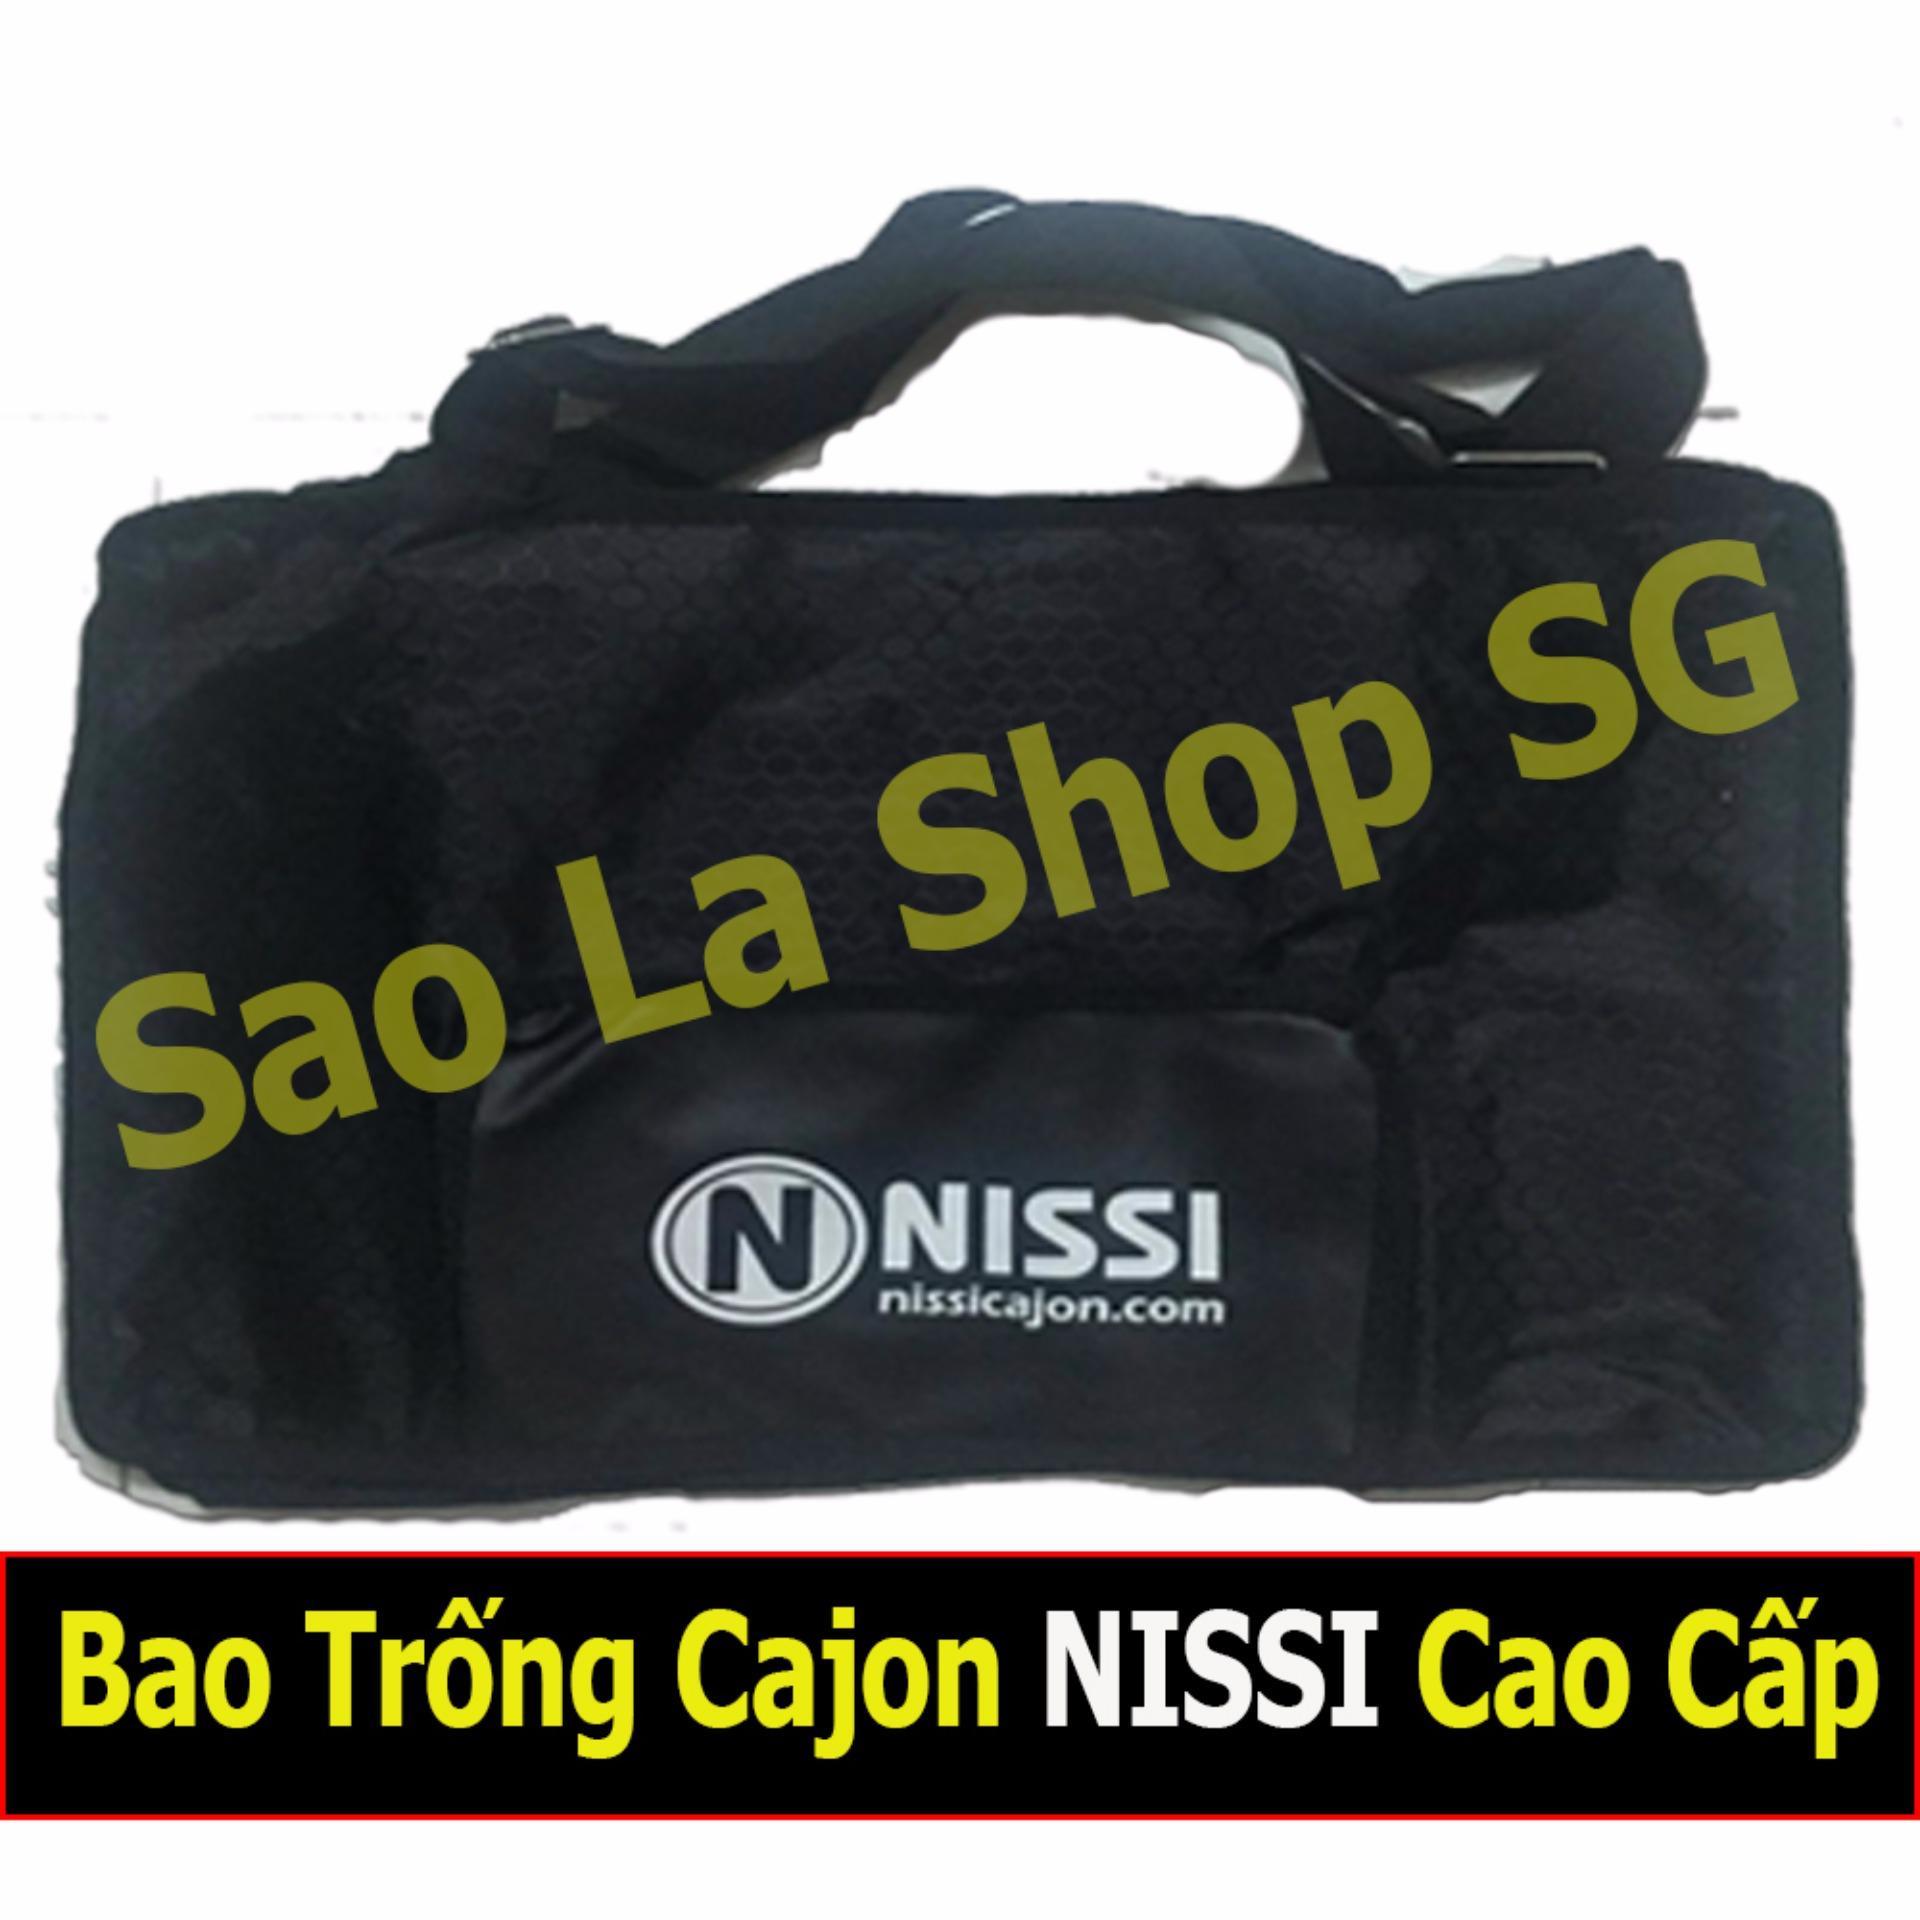 Chi tiết sản phẩm Bao Trống Cajon NISSI Cao Cấp Có Ngăn Để Dùi Trống (Chống Mưa, Chống Va Đập)